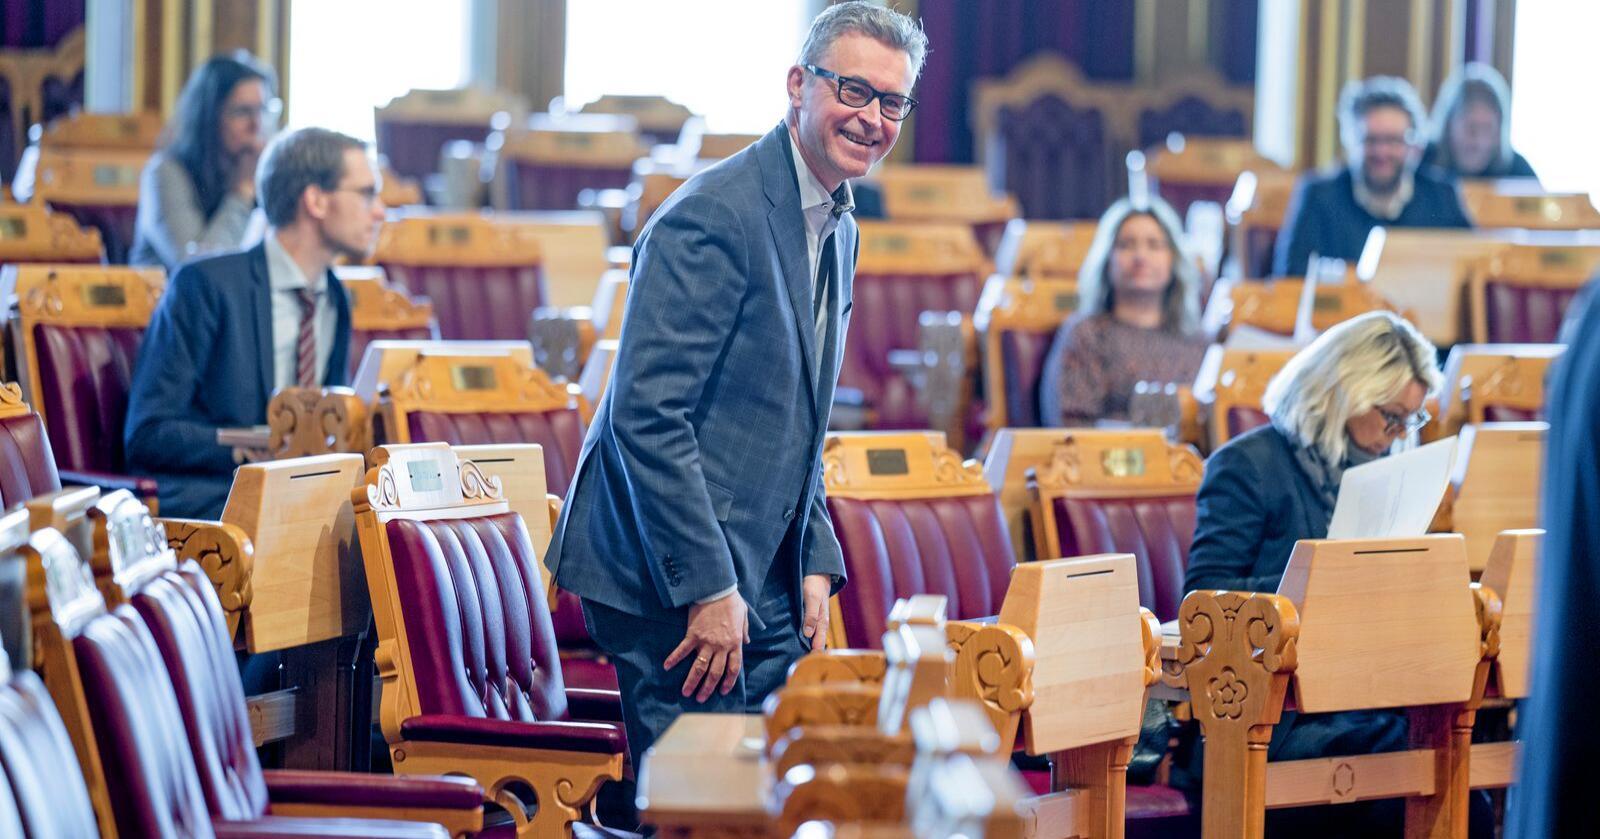 Bortreist: Når hørte vi sist fra fiskeriminister Odd Emil Ingebrigtsen (H)? Foto: Stian Lysberg Solum / NTB